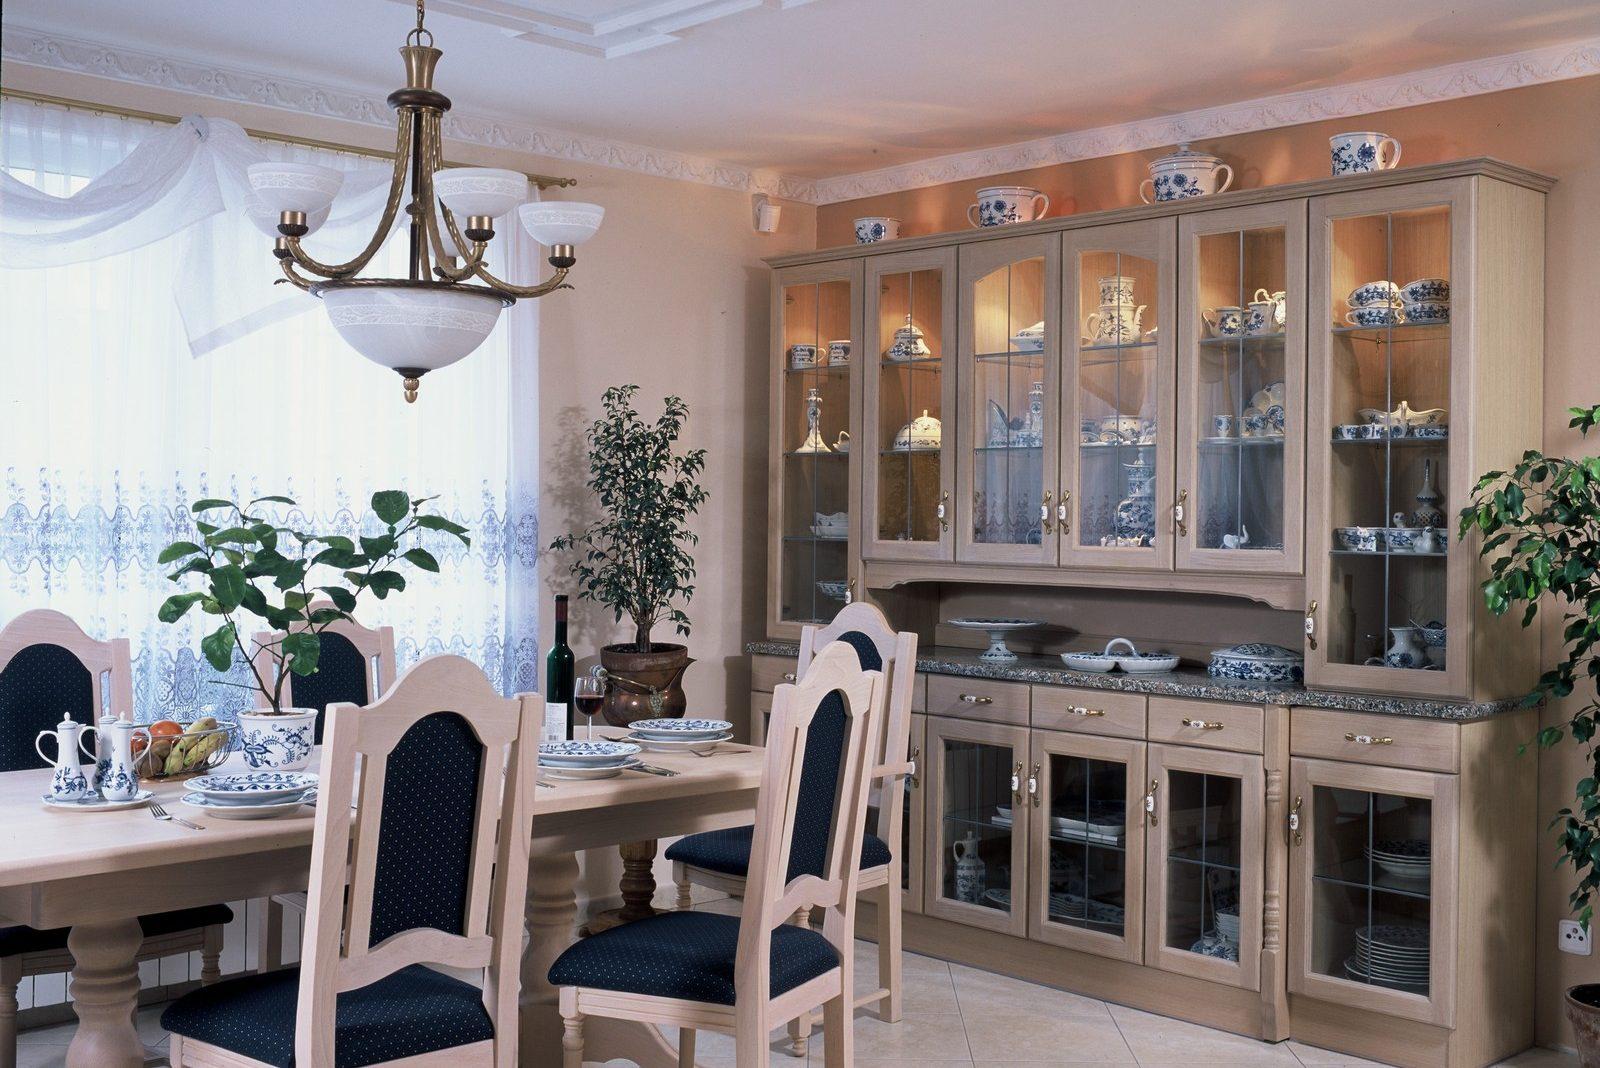 Jídelna rustikální nábytek